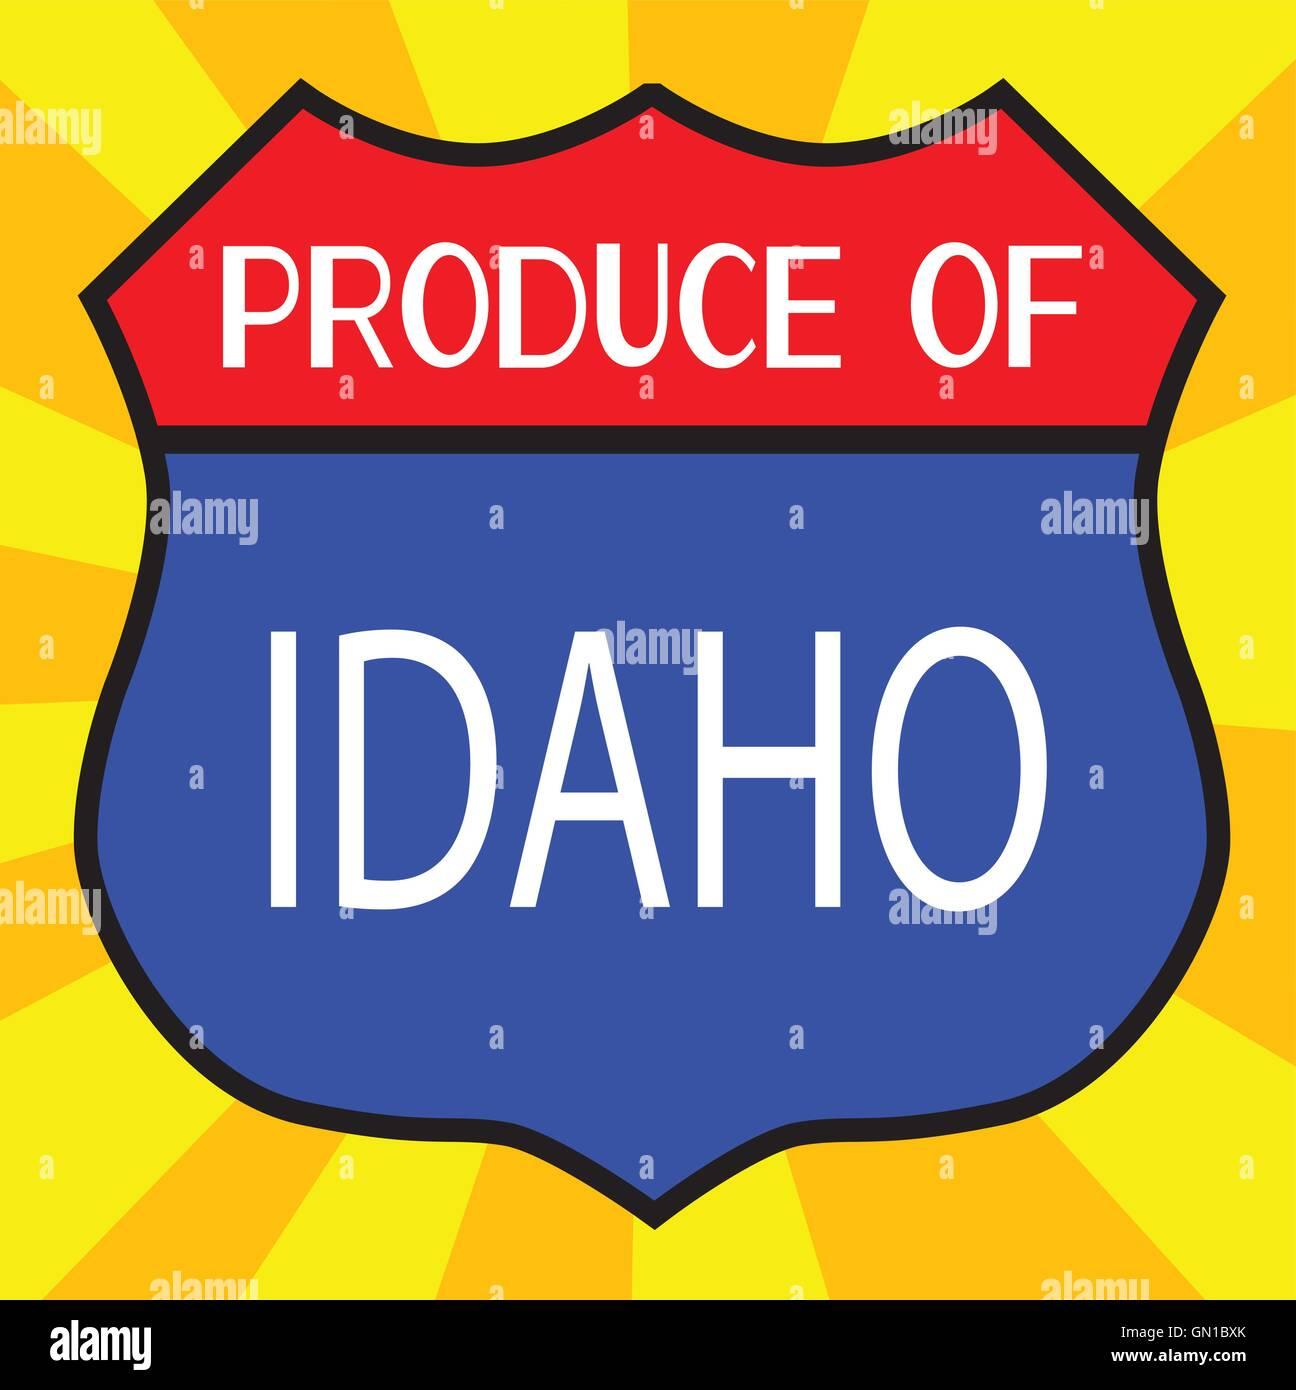 Produce Of Idaho Shield - Stock Vector